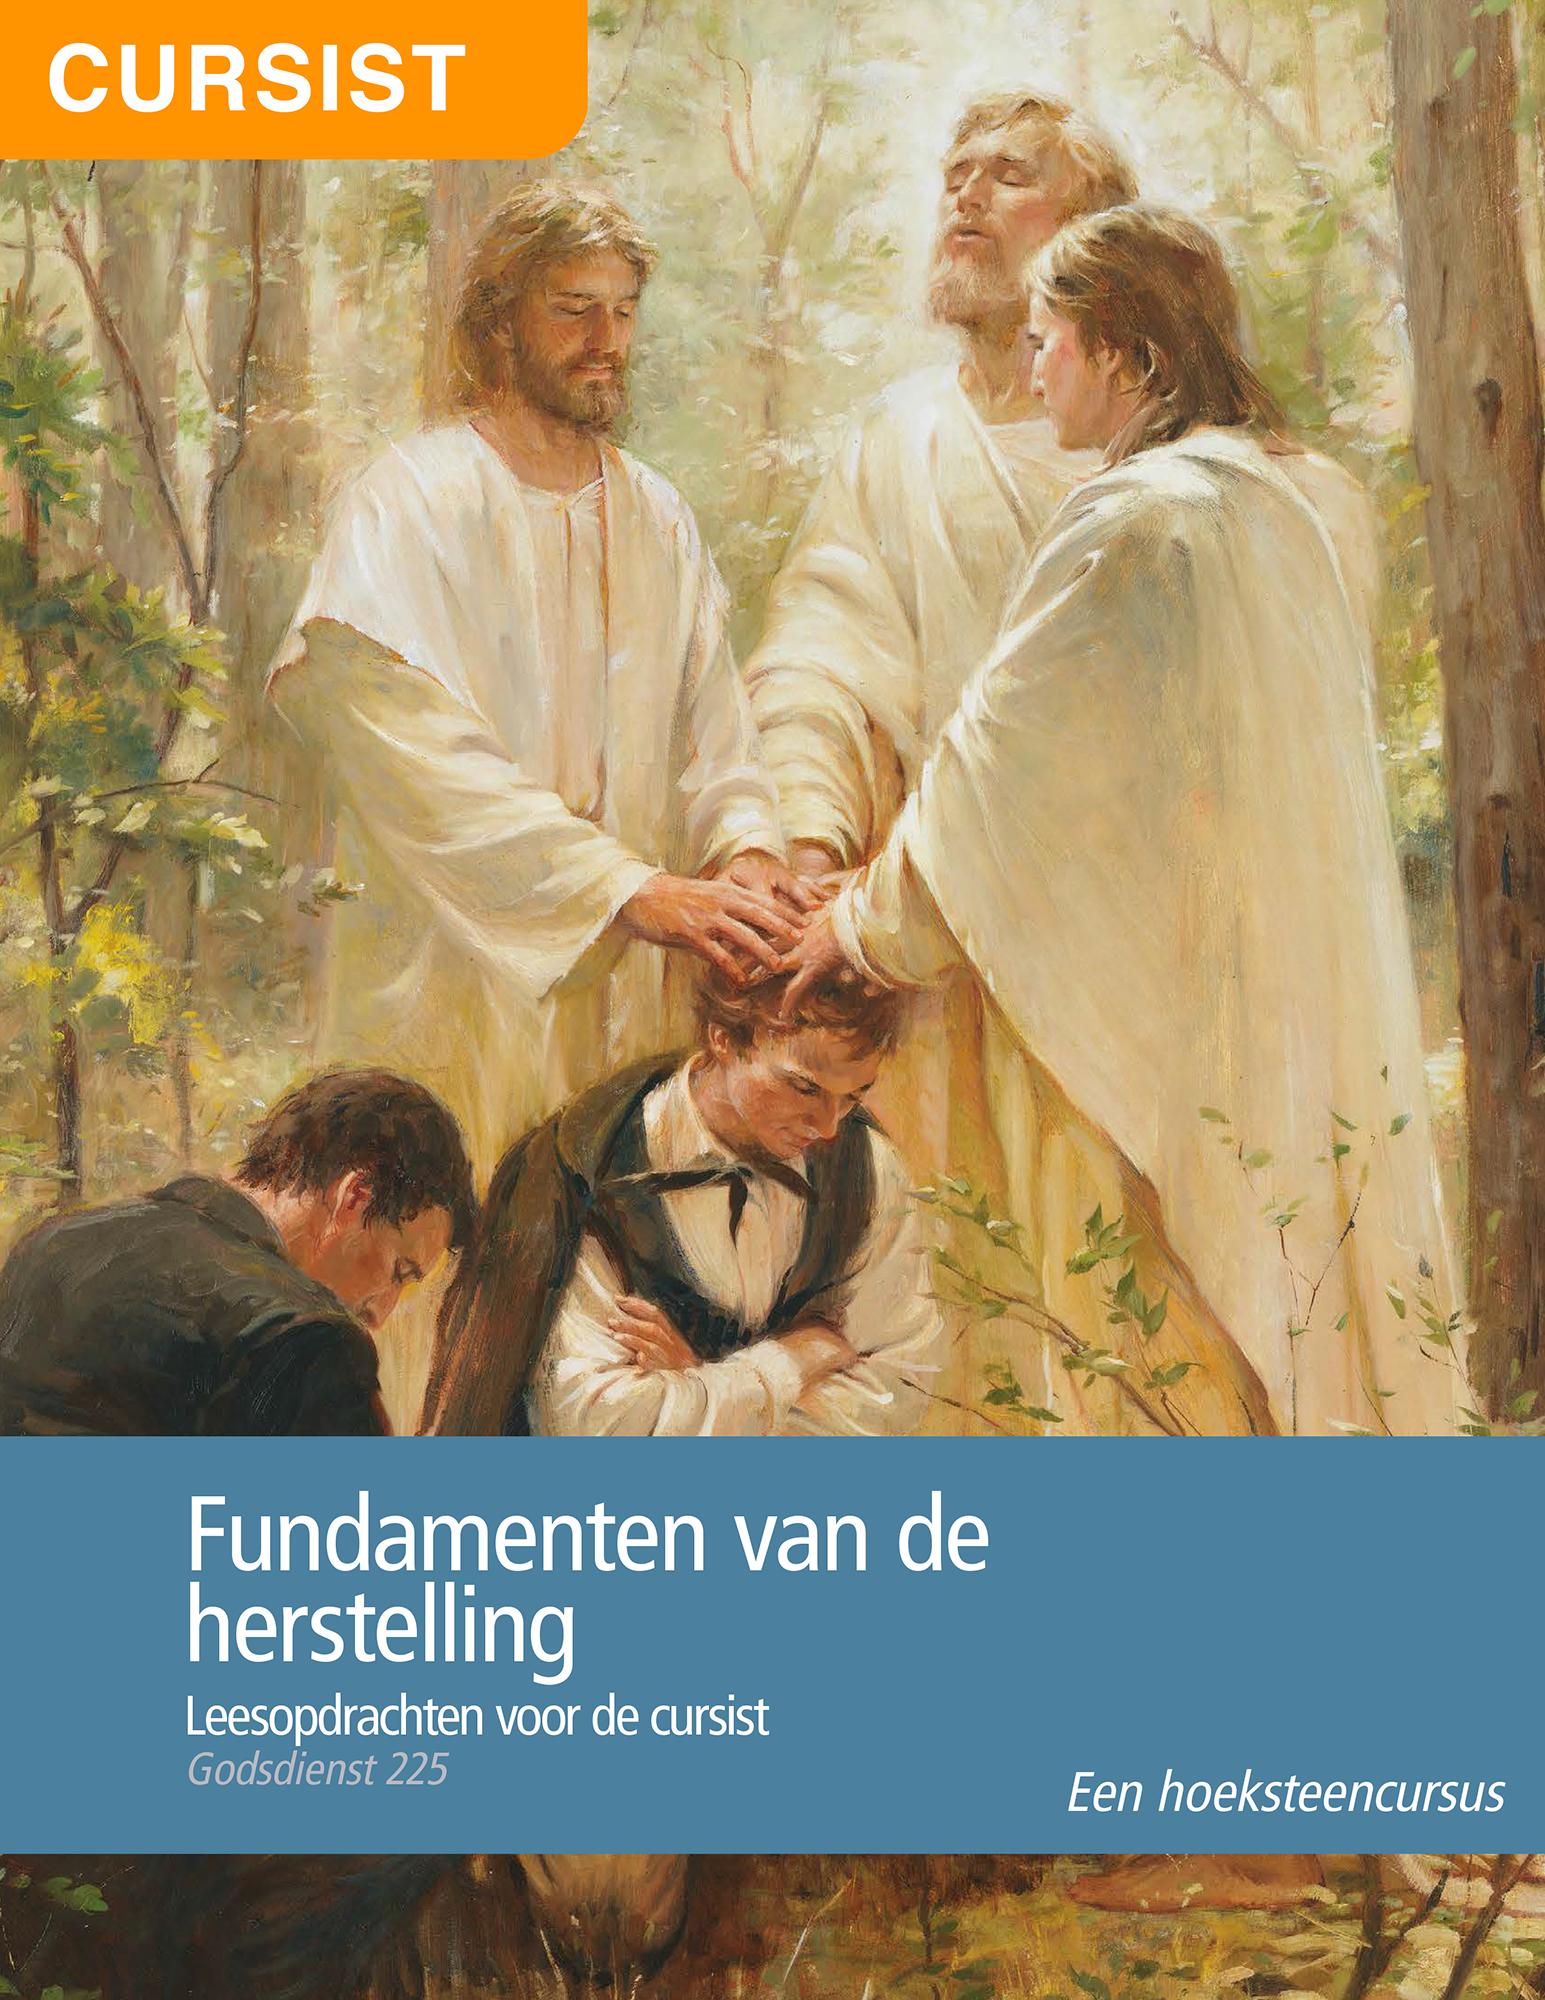 Fundamenten van de herstelling — leesopdrachten voor de cursist (Godsdienst 225)